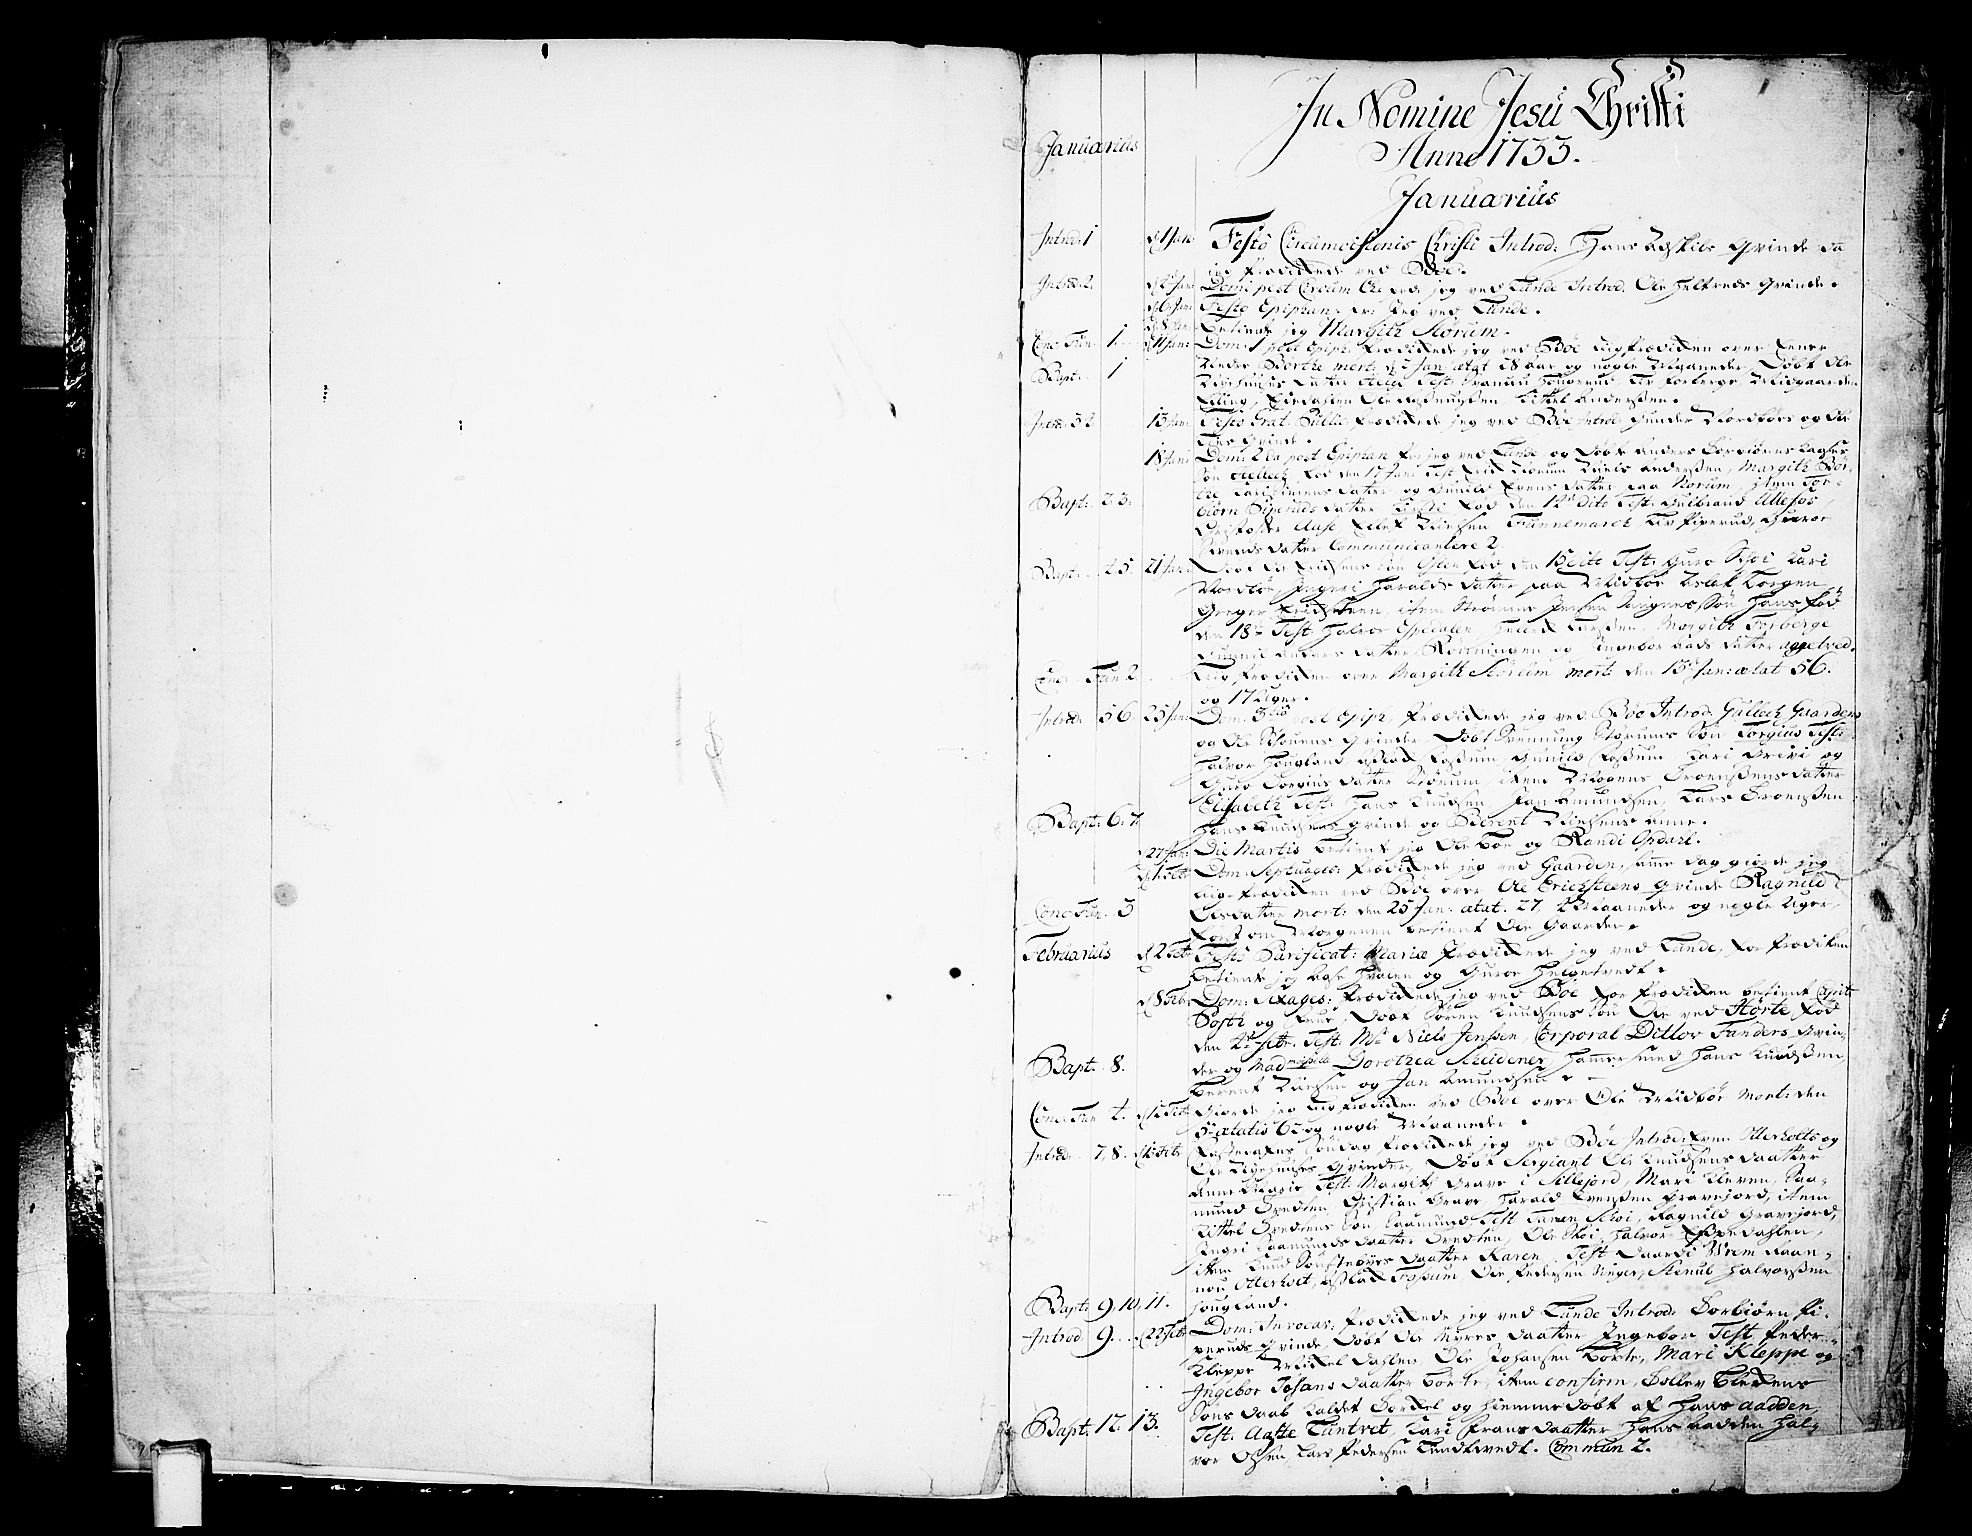 SAKO, Bø kirkebøker, F/Fa/L0003: Ministerialbok nr. 3, 1733-1748, s. 1